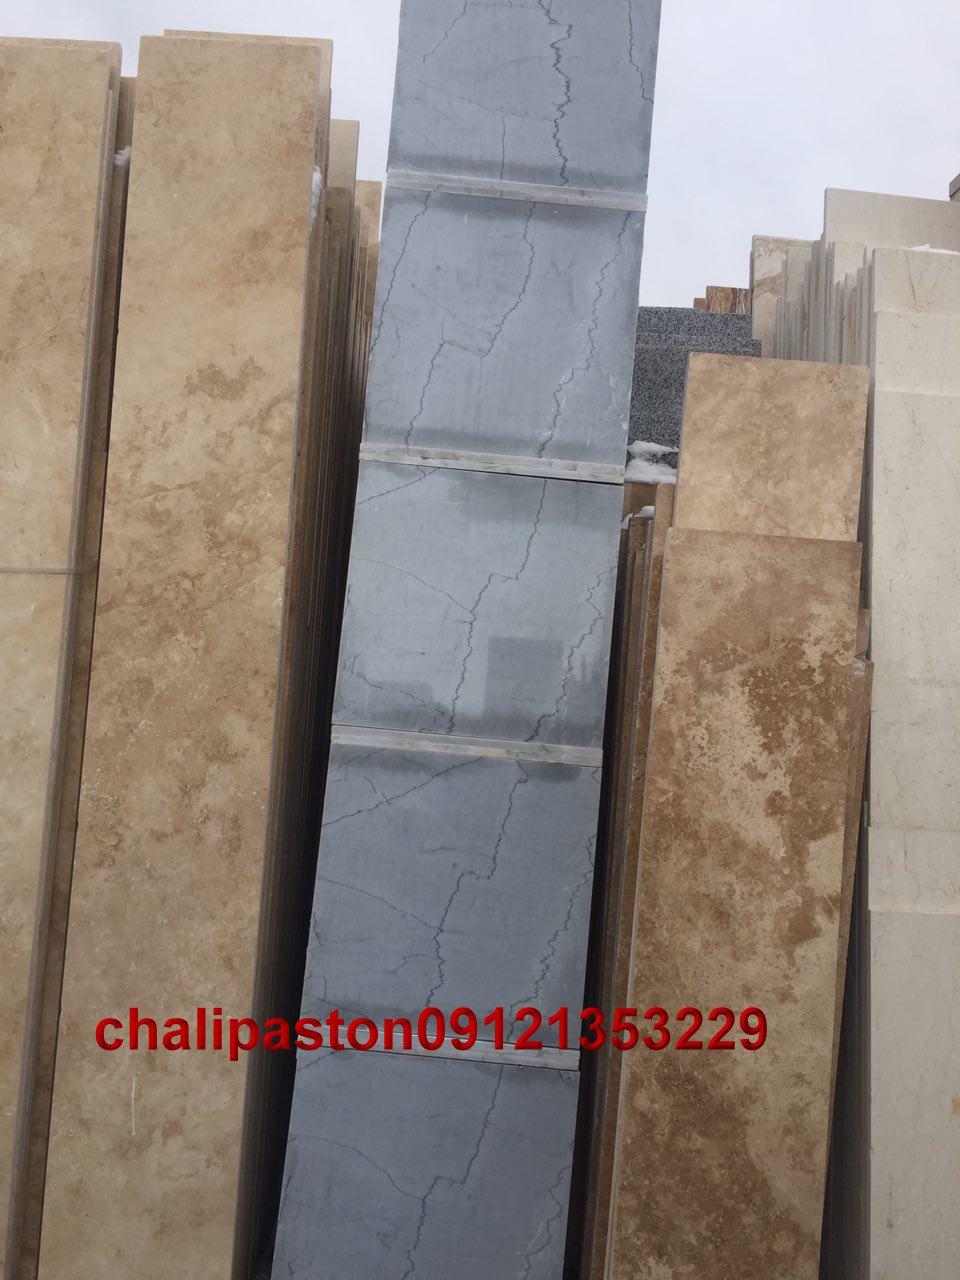 صنایع سنگ چلیپا<br/> <br/>travertine stone - granite stone - mتولید کننده سنگ های تراورتن - مرمریت – مرمر – گرانیتarble stone<br/>تولید و عرضه کننده مجموعه کاملی  services construction construction